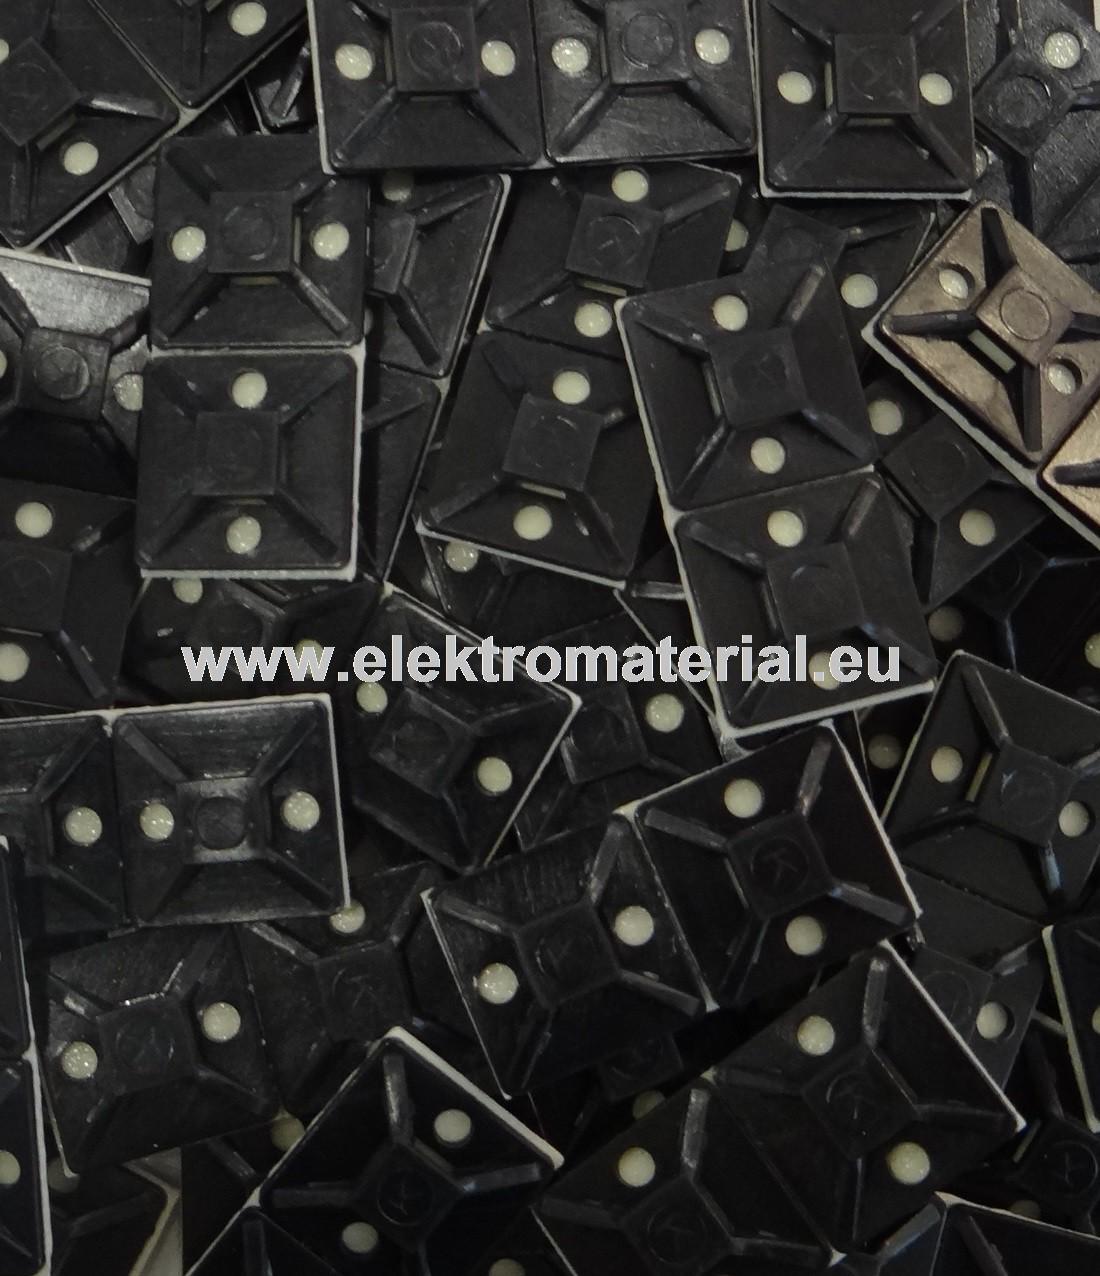 100 St/ück Nagelscheibe Befestigungsscheibe eckig 3,5 x 70mm